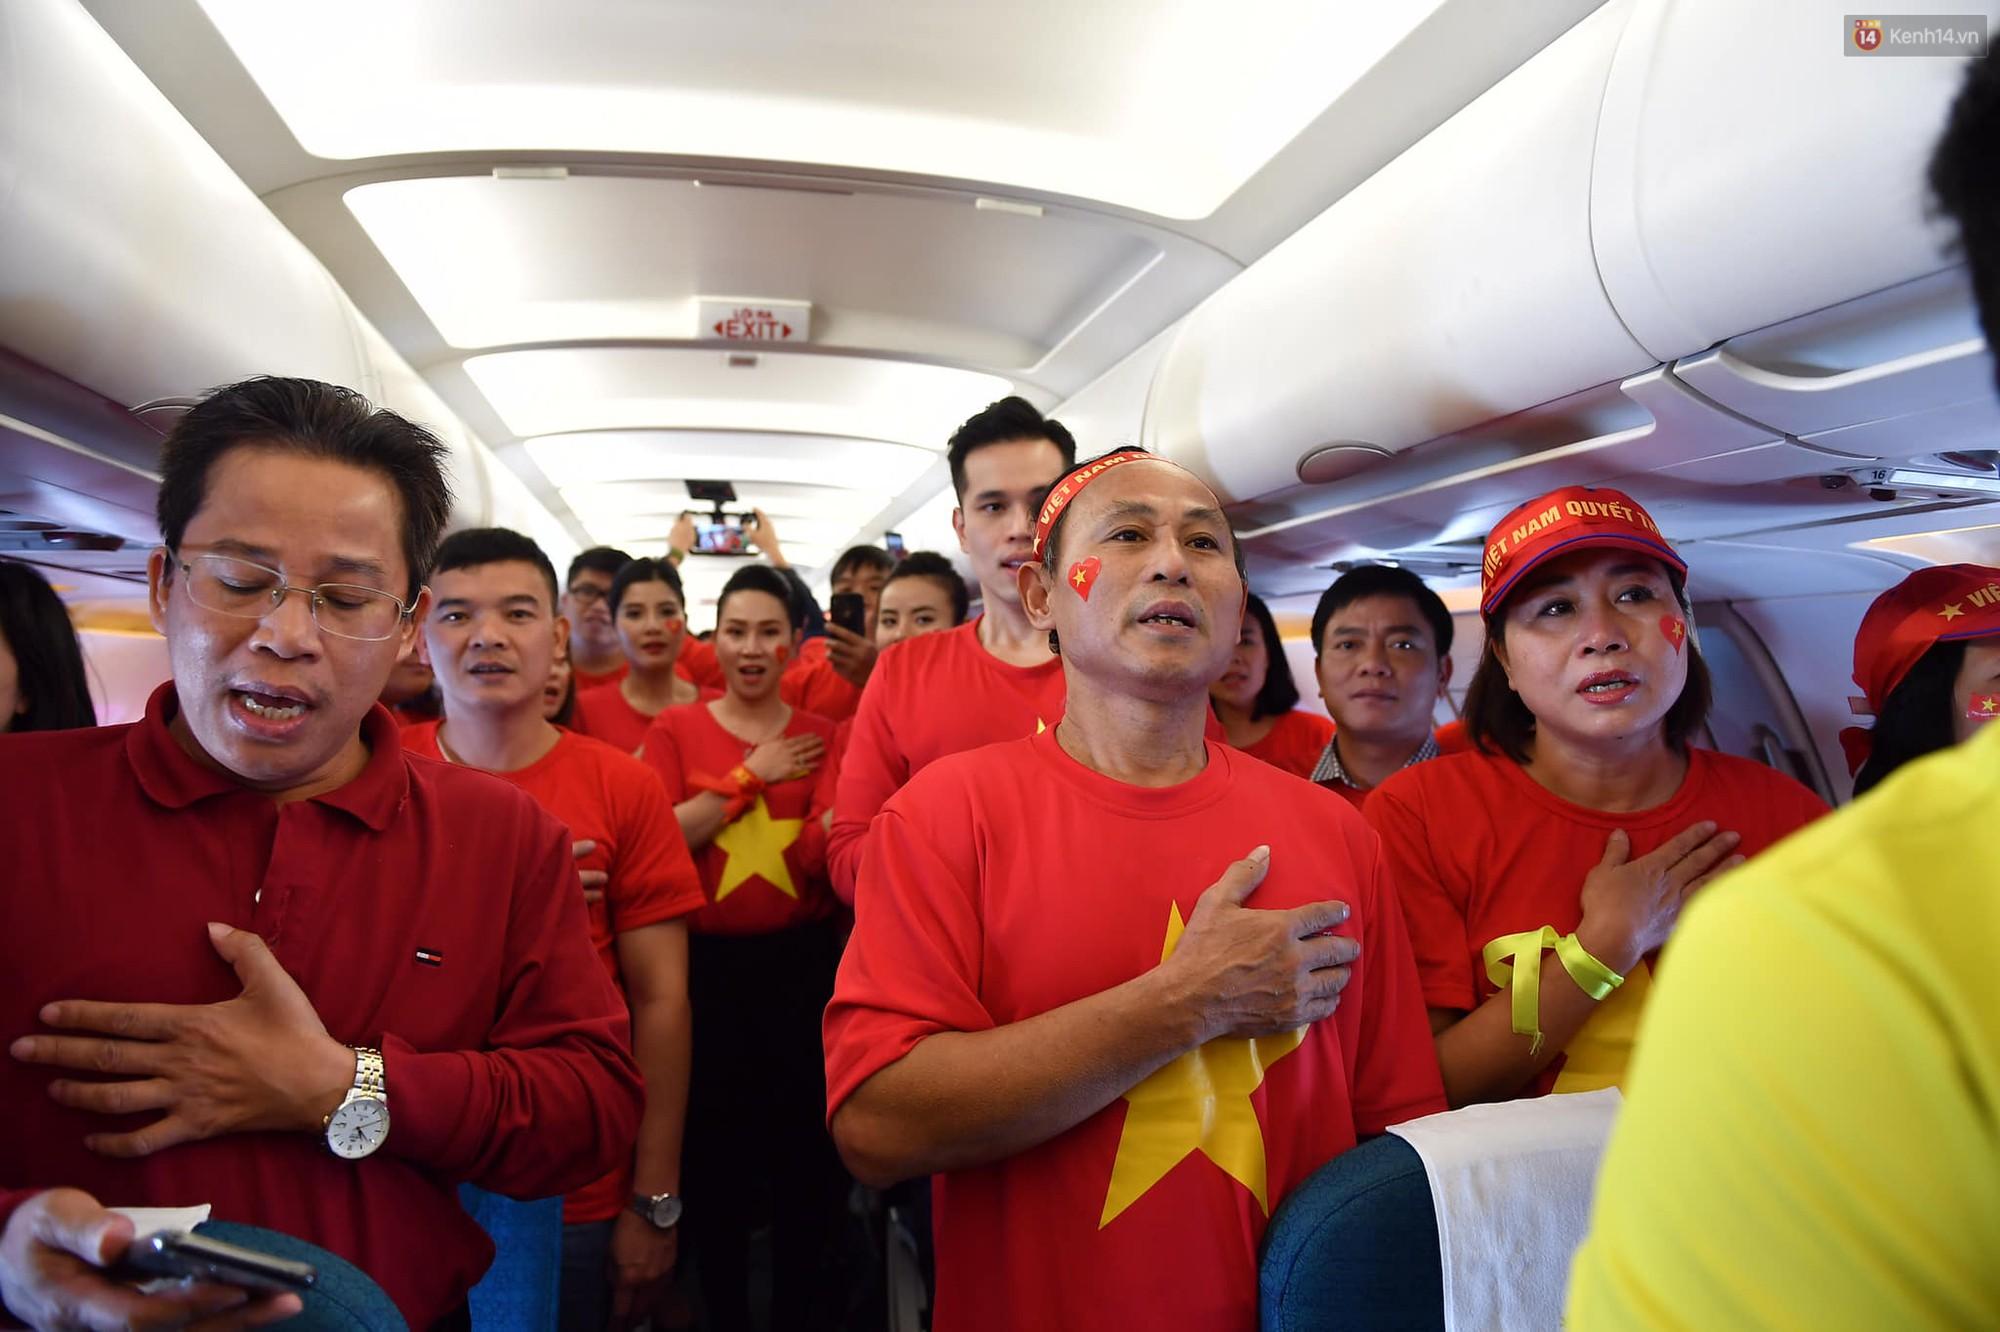 CĐV Việt Nam cùng nhau hát Quốc ca ở độ cao 10.000m, hết mình cổ vũ cho ĐT nước nhà trong trận chung kết AFF Cup 2018 - Ảnh 2